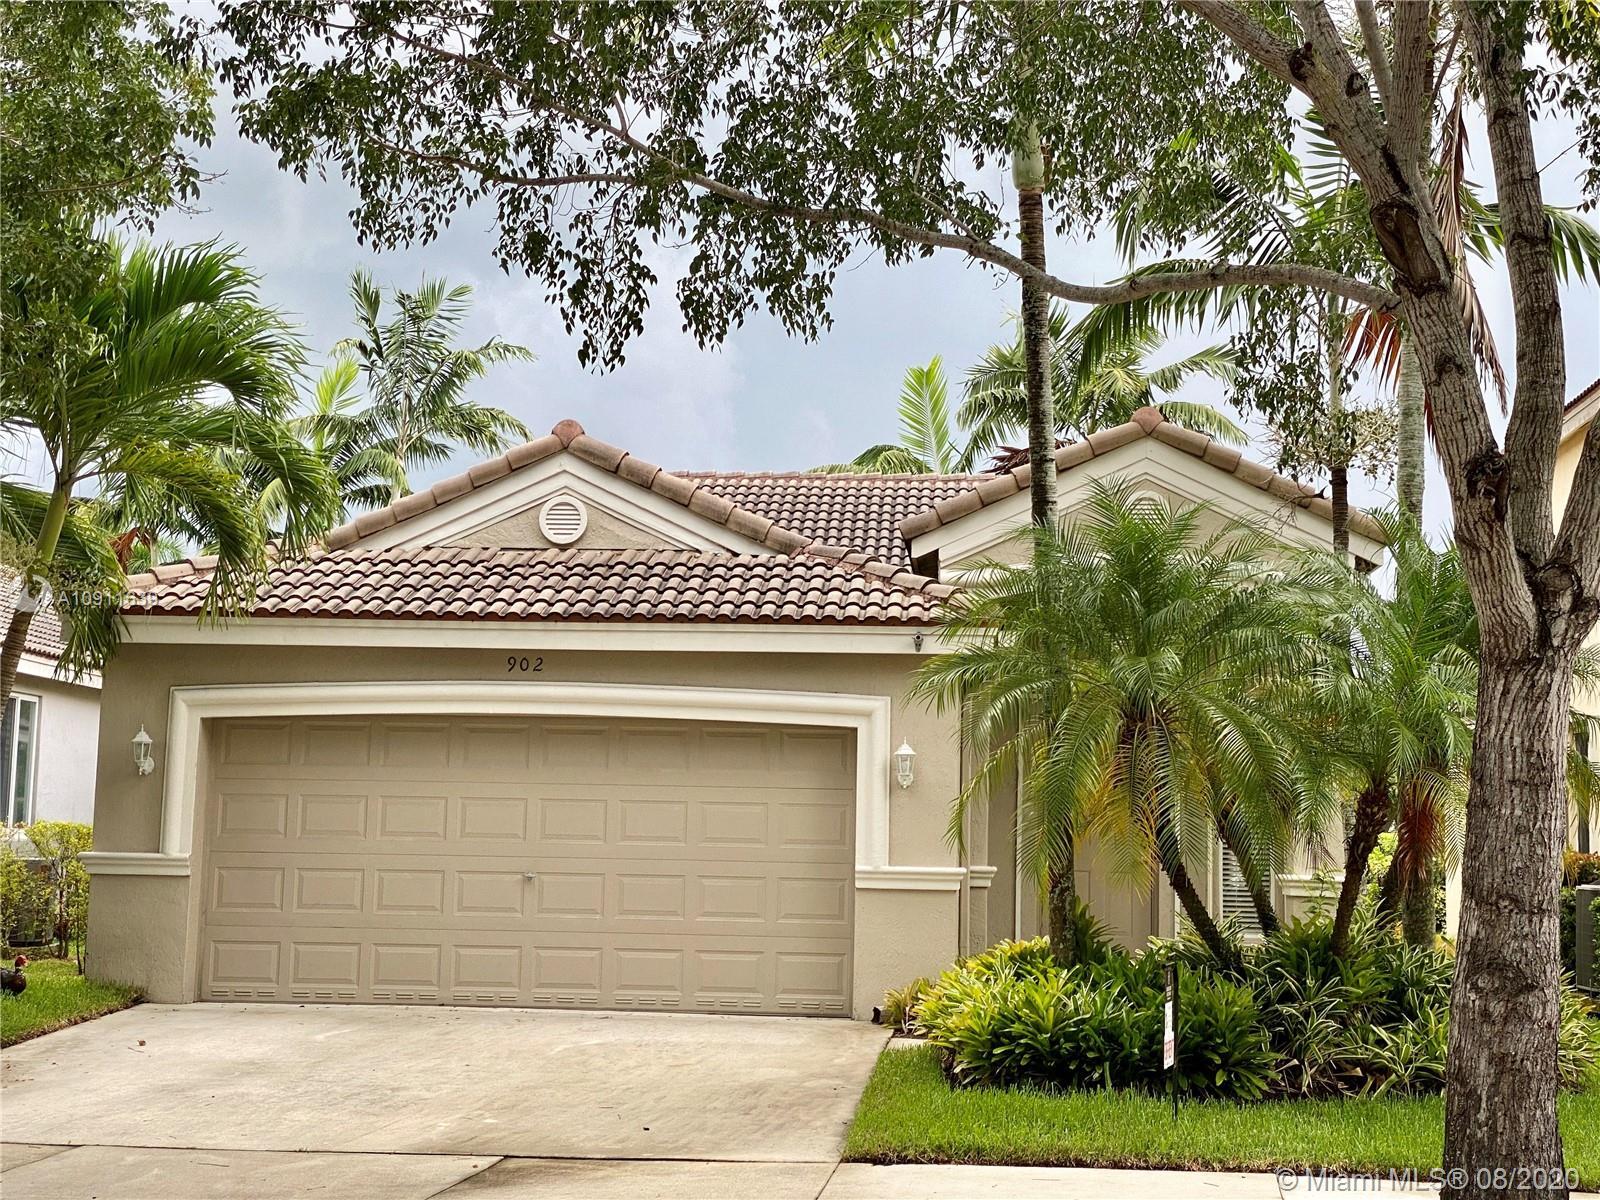 902 Golden Cane Dr, Weston FL 33327